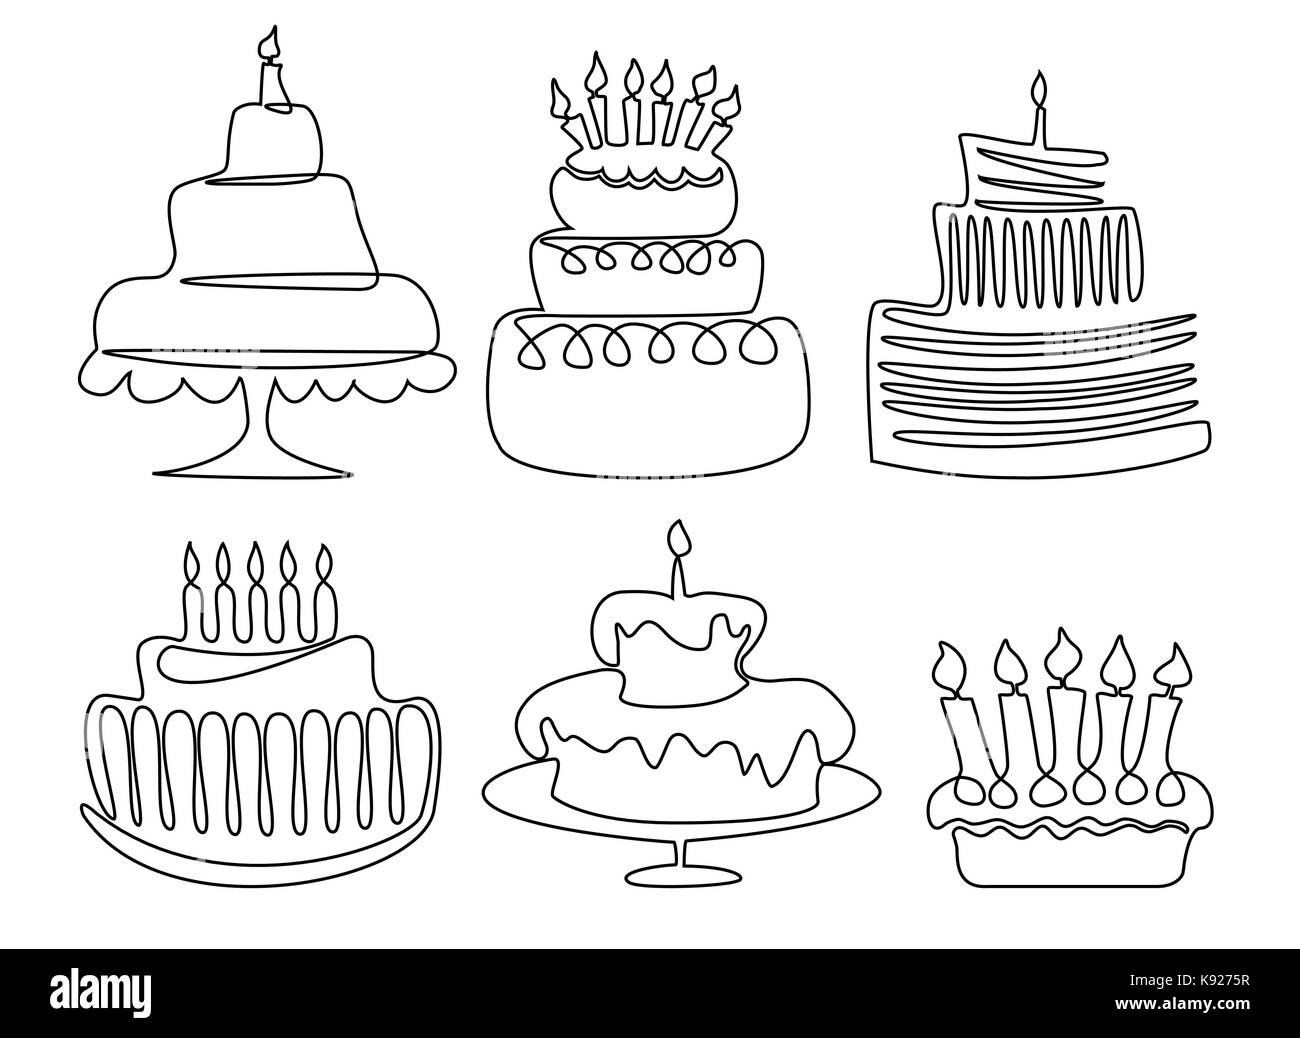 Kuche Zeichnen Symbole Gasherd Kleine Kuche Glaspaneele Jamie